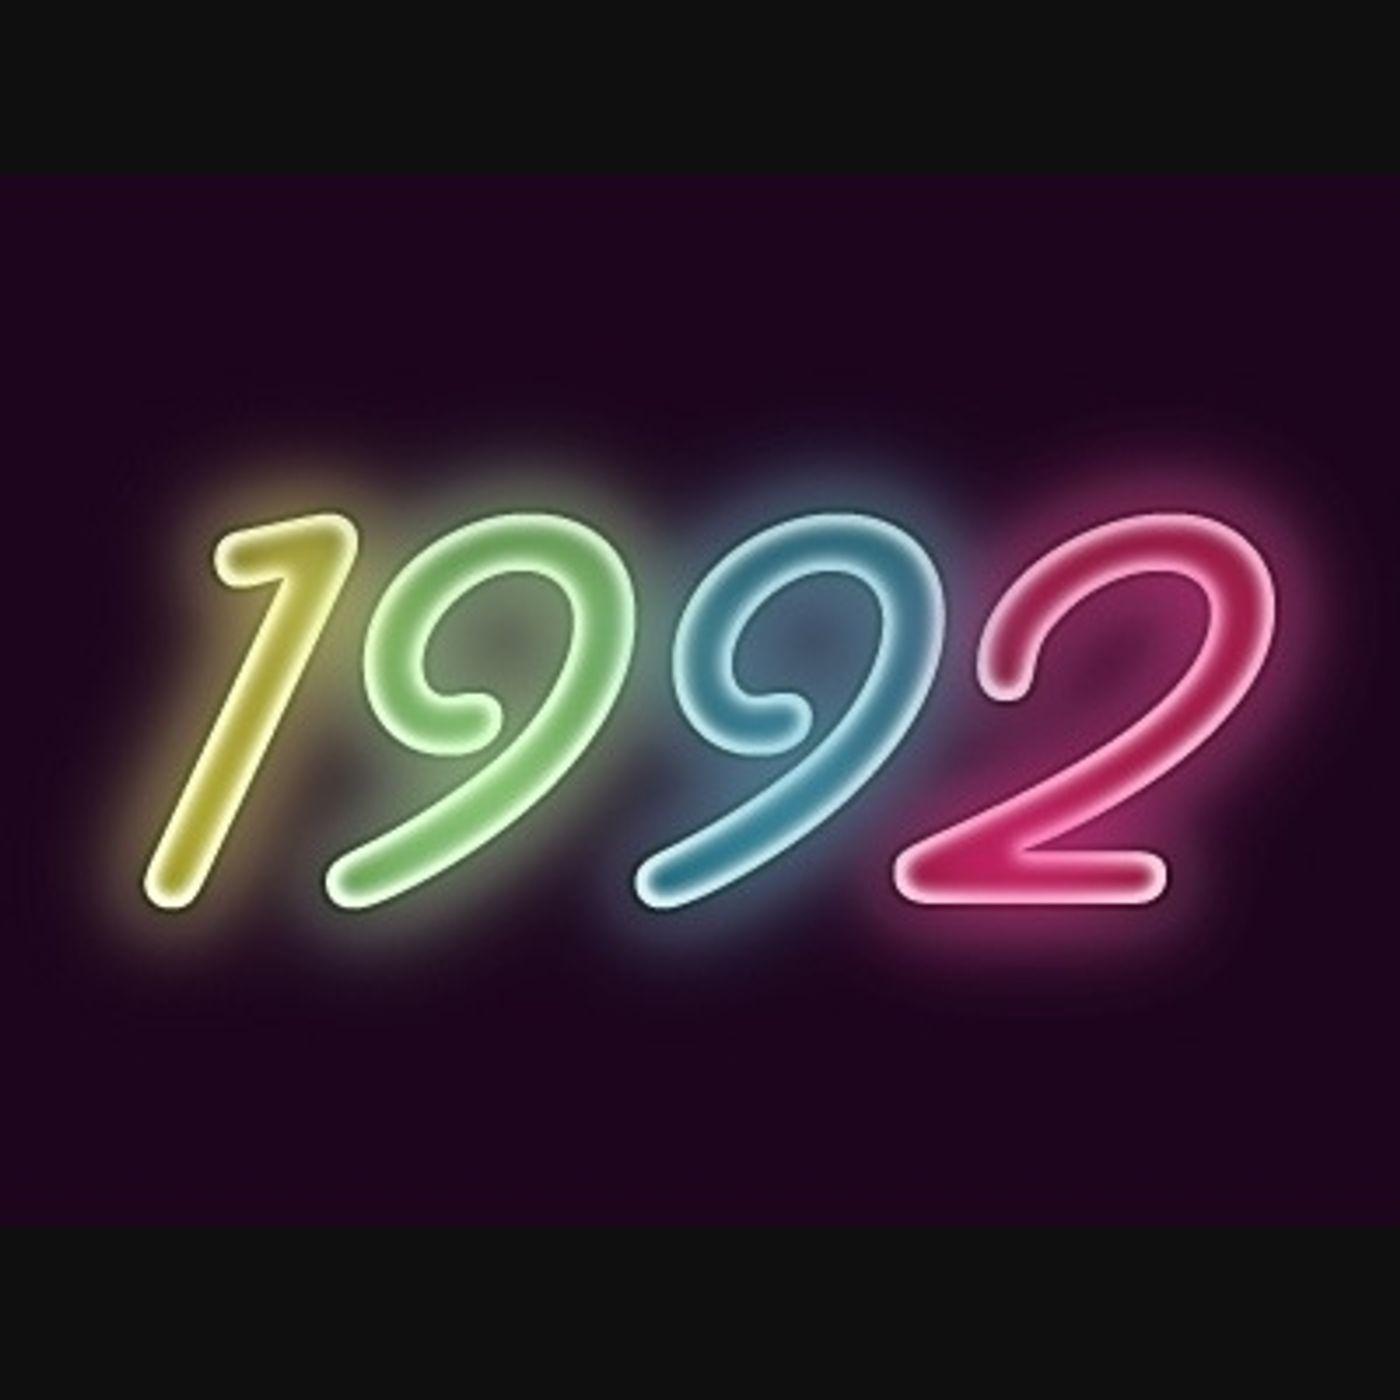 Reelin' July 21 1992